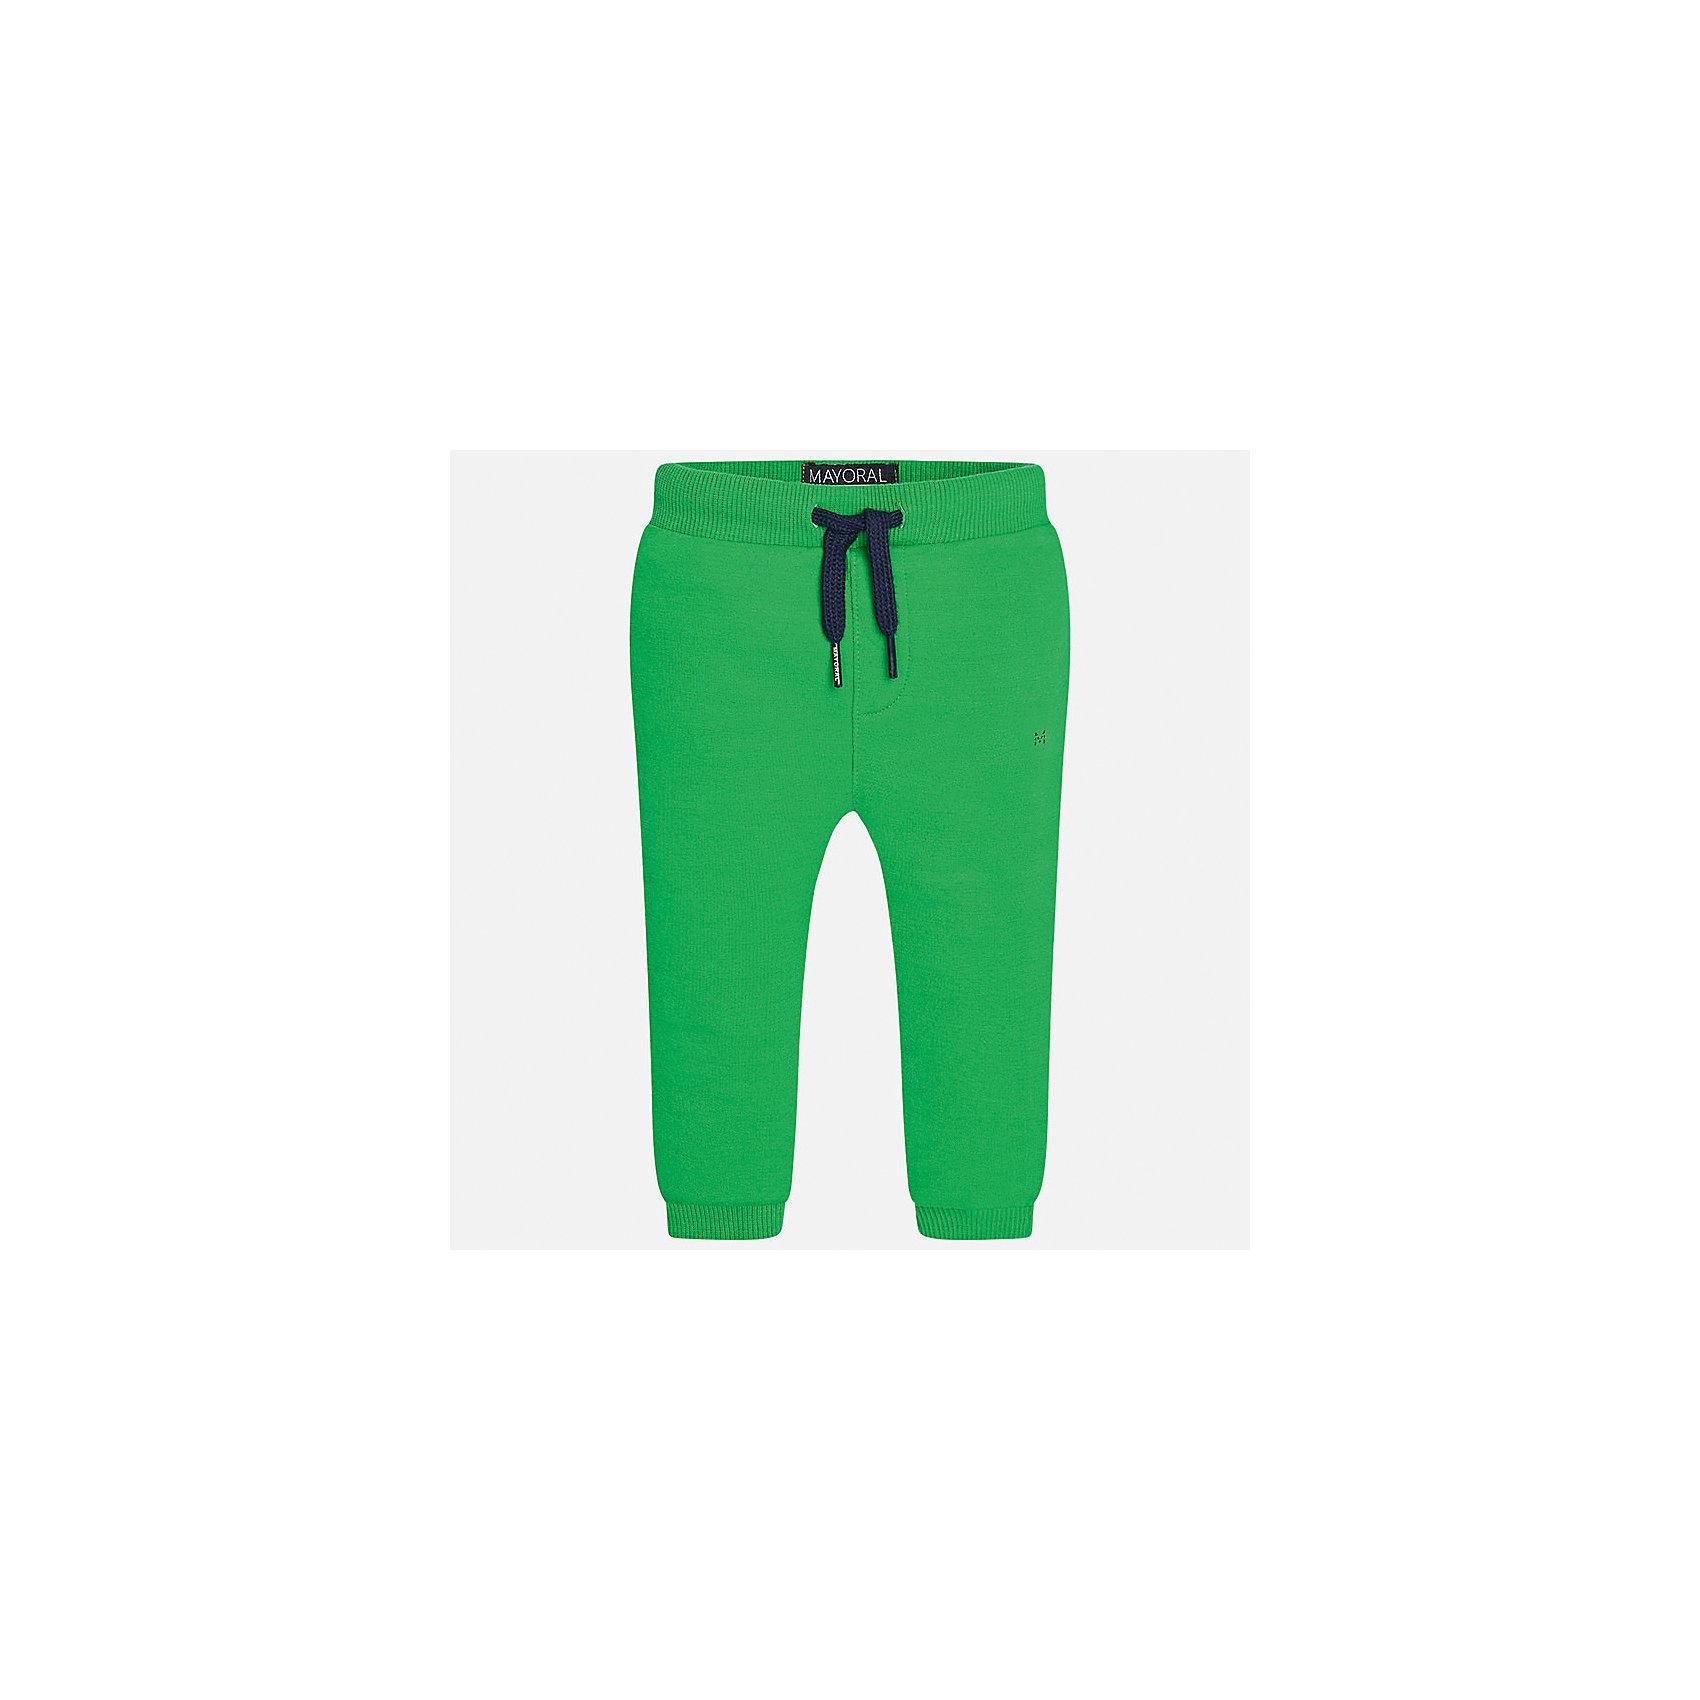 Брюки для мальчика MayoralДжинсы и брючки<br>Характеристики товара:<br><br>• цвет: зелёный<br>• состав: 58% хлопок, 38% полиэстер, 4% эластан<br>• спортивный стиль<br>• манжеты<br>• карманы<br>• пояс - широкая резинка и шнурок<br>• страна бренда: Испания<br><br>Спортивные брюки для мальчика помогут обеспечить ребенку комфорт. Они отлично сочетаются с майками, футболками, куртками и т.д. Универсальный крой и цвет позволяет подобрать к вещи верх разных расцветок. Практичное и стильное изделие! В составе материала - натуральный хлопок, гипоаллергенный, приятный на ощупь, дышащий.<br><br>Одежда, обувь и аксессуары от испанского бренда Mayoral полюбились детям и взрослым по всему миру. Модели этой марки - стильные и удобные. Для их производства используются только безопасные, качественные материалы и фурнитура. Порадуйте ребенка модными и красивыми вещами от Mayoral! <br><br>Брюки для мальчика от испанского бренда Mayoral (Майорал) можно купить в нашем интернет-магазине.<br><br>Ширина мм: 215<br>Глубина мм: 88<br>Высота мм: 191<br>Вес г: 336<br>Цвет: зеленый<br>Возраст от месяцев: 18<br>Возраст до месяцев: 24<br>Пол: Мужской<br>Возраст: Детский<br>Размер: 92,80,86<br>SKU: 5278205